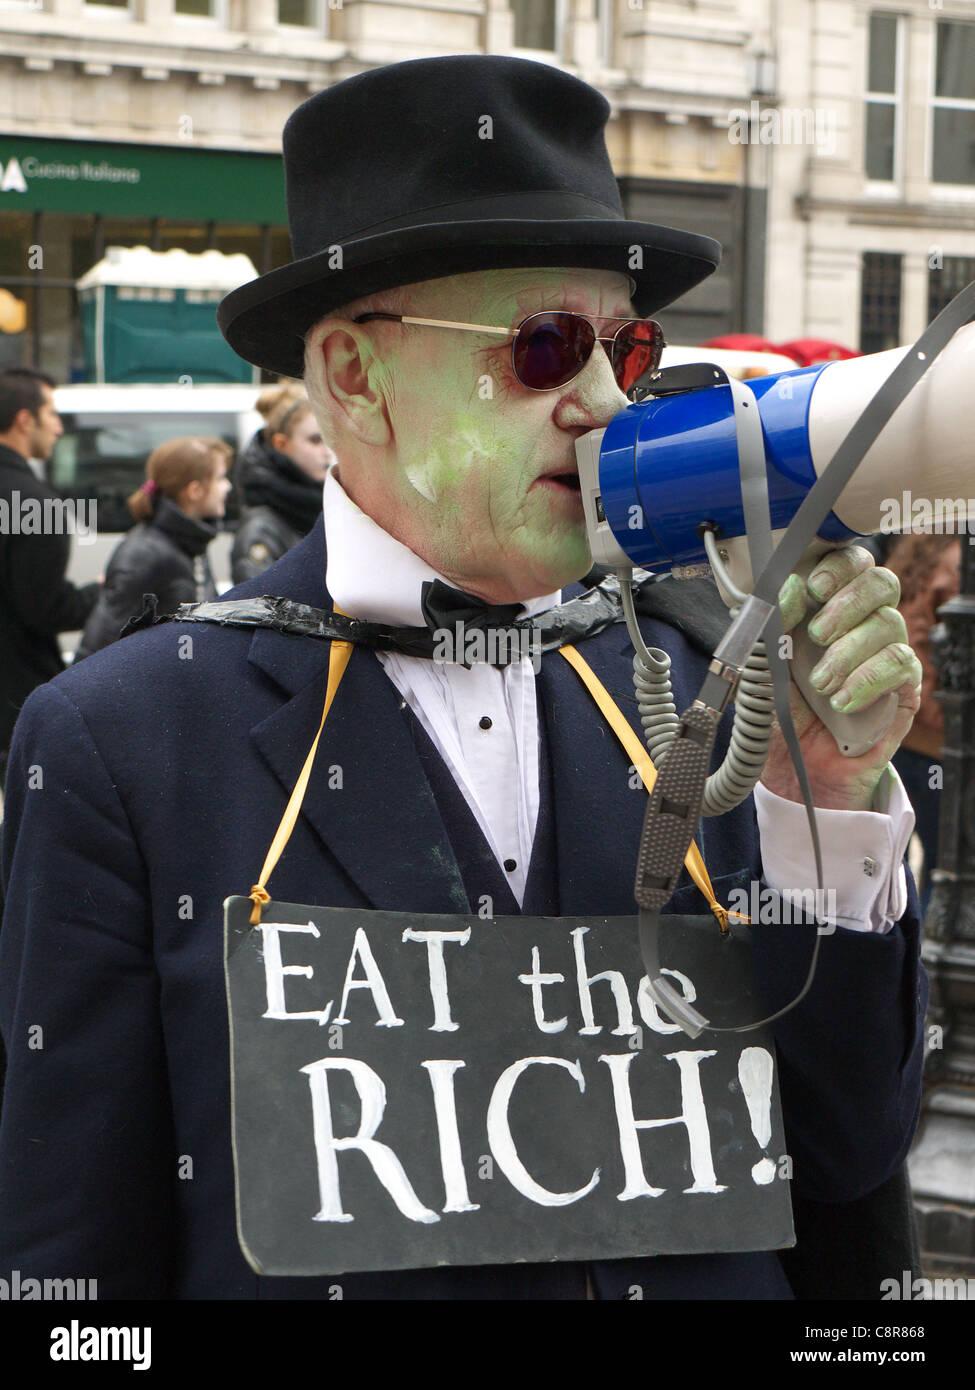 """Un manifestant avec une """"Mangez les riches!"""" lors d'une manifestation anti-capitaliste Photo Stock"""